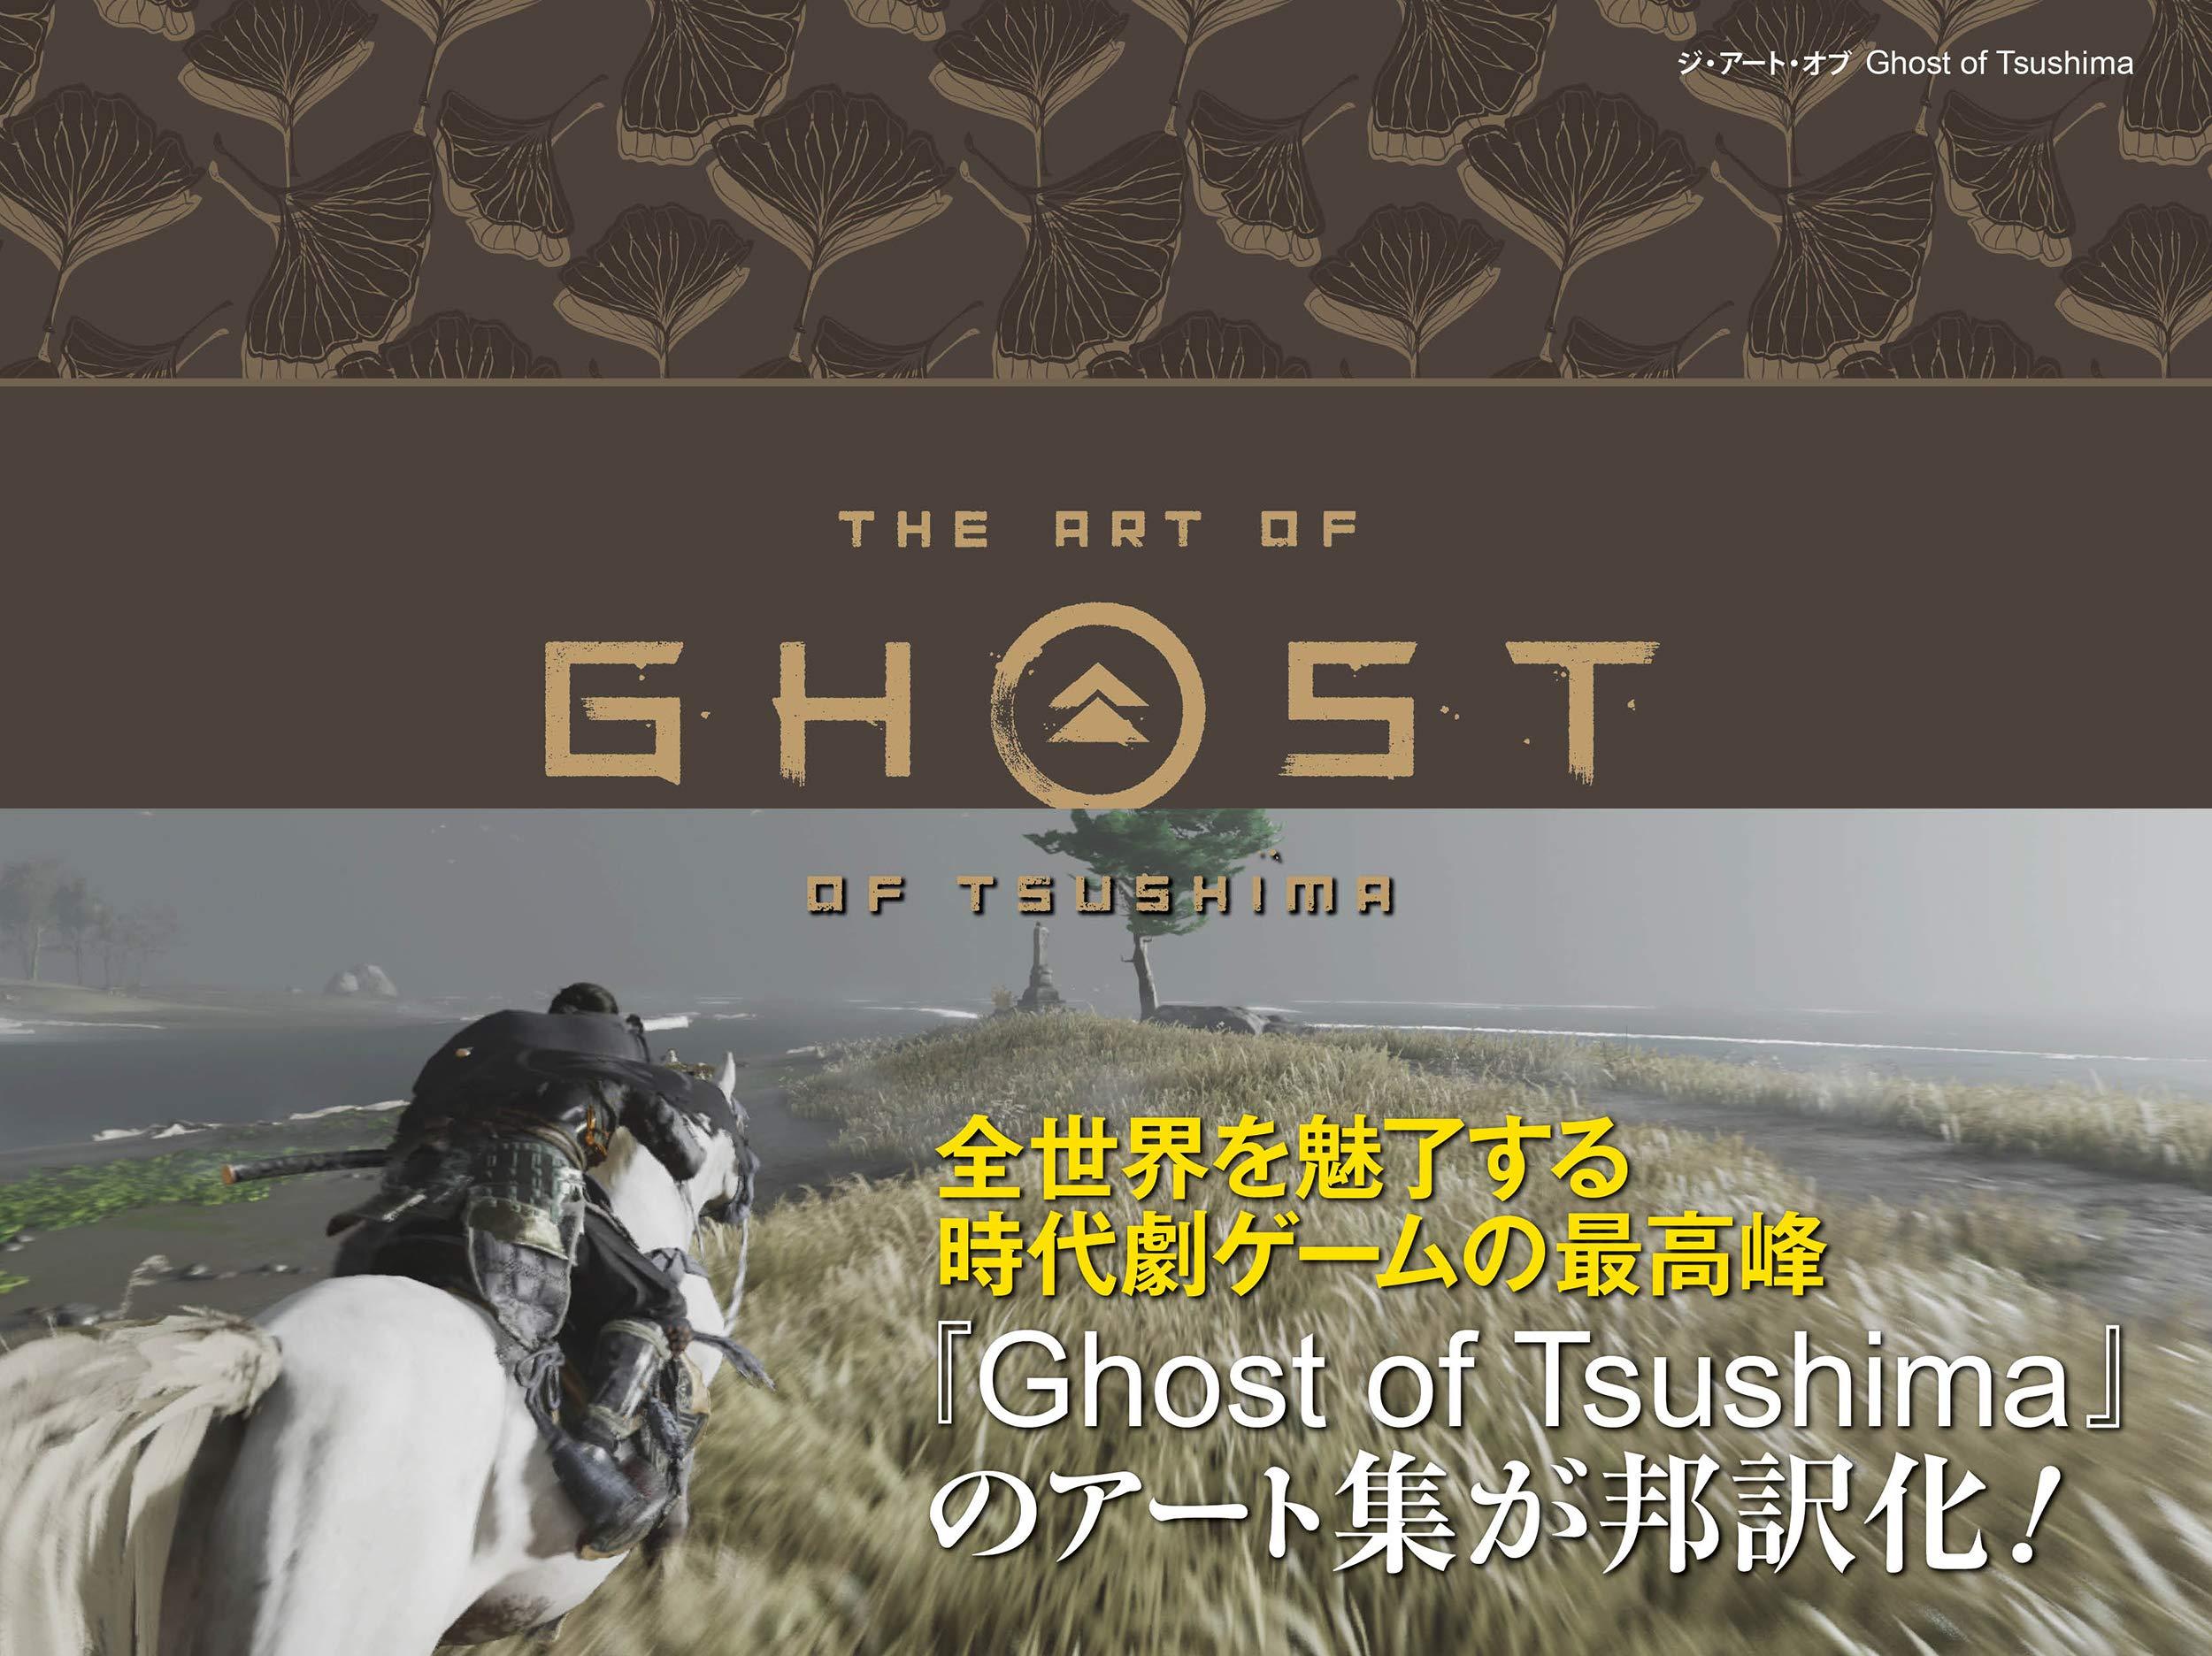 『ゴースト・オブ・ツシマ』の美麗なアート本「ジ・アート・オブ Ghost of Tsushima」の日本語版が登場!【2月17日発売!】